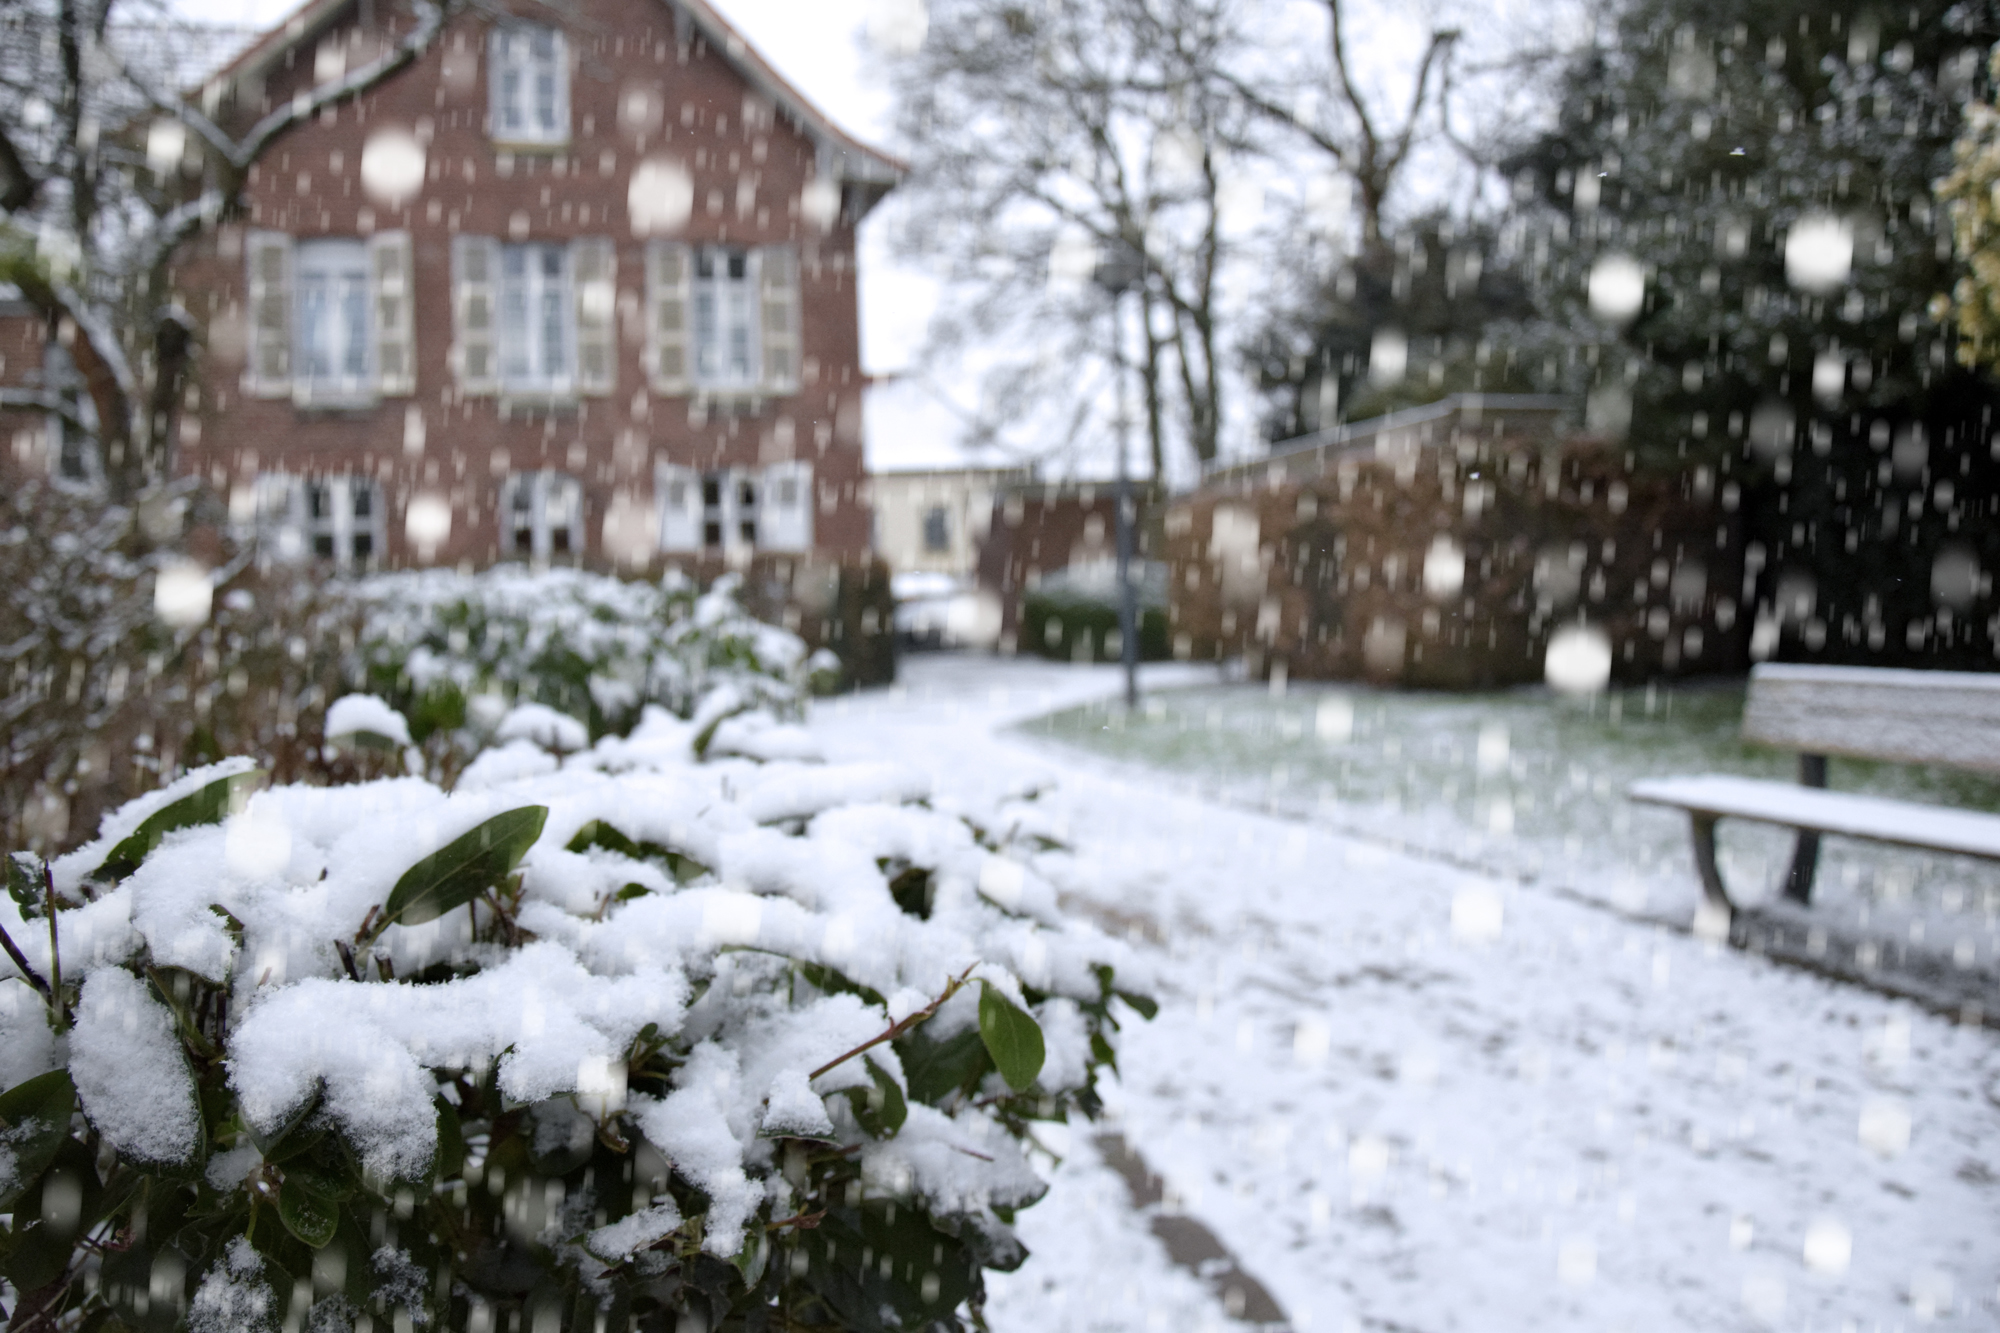 Templeuve-en-Pévèle sous la neige